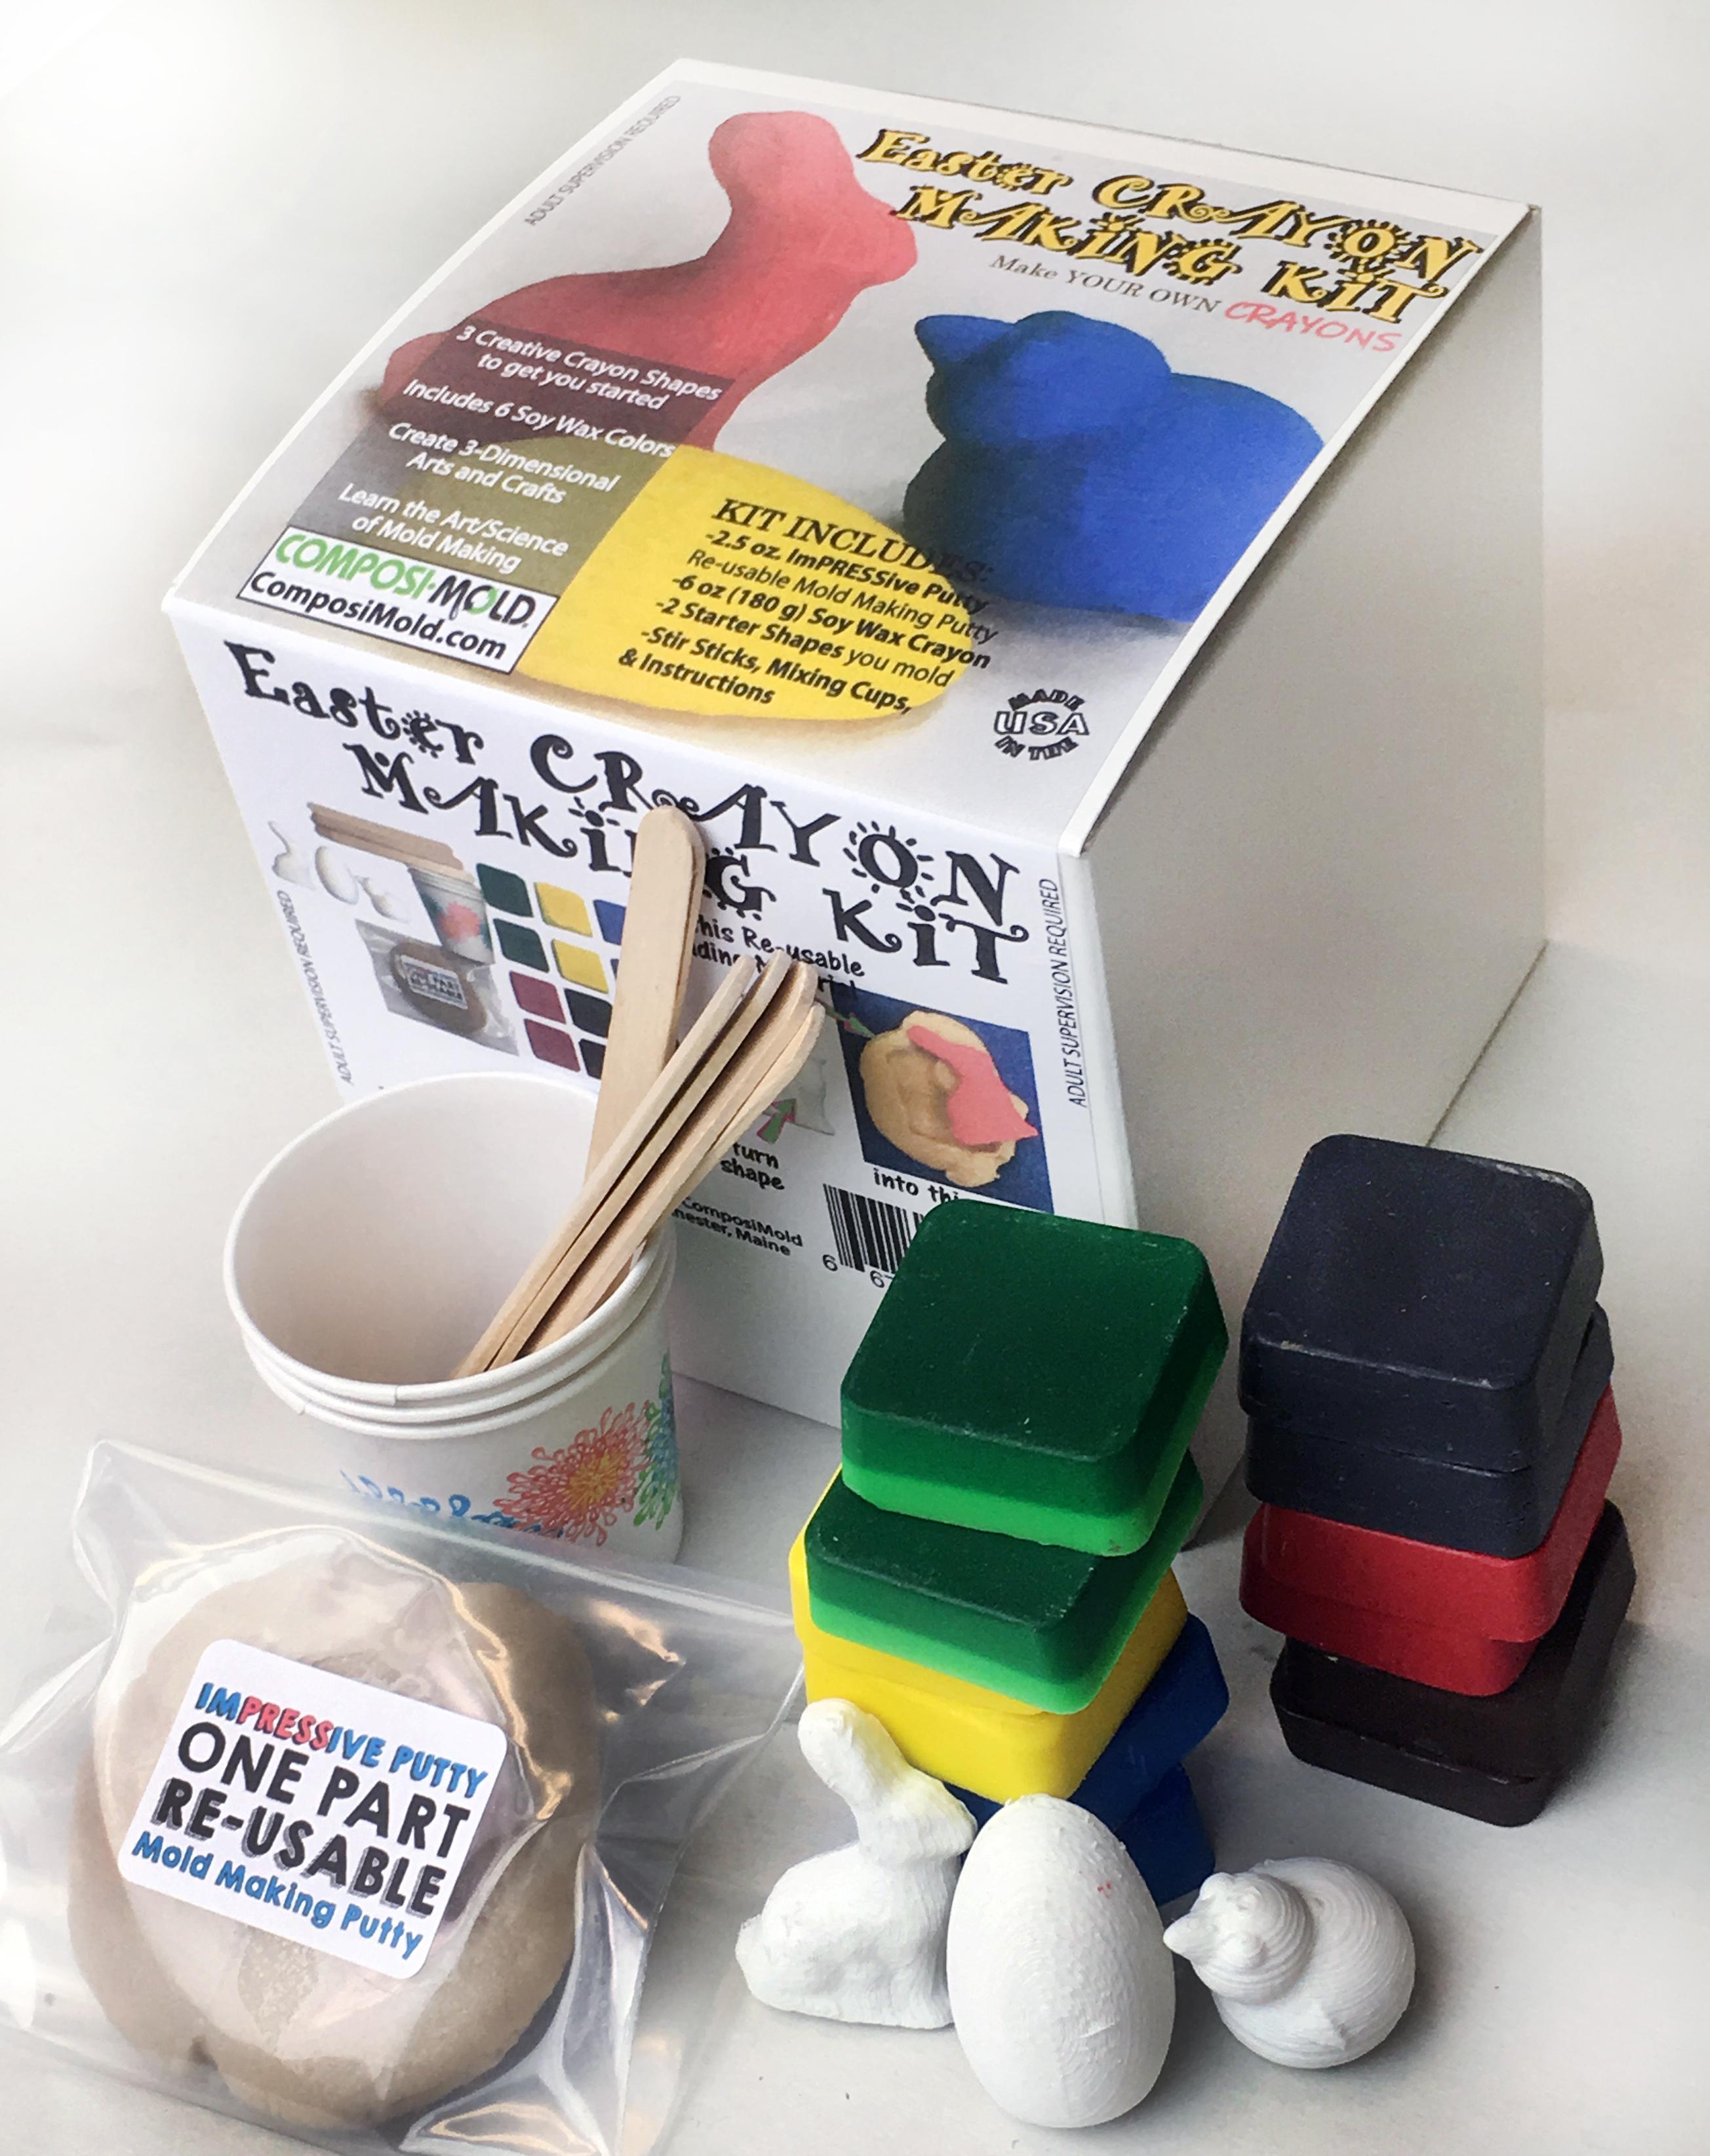 STARTER MOLD MAKING KIT The Only ReUsable Mold Making Kit